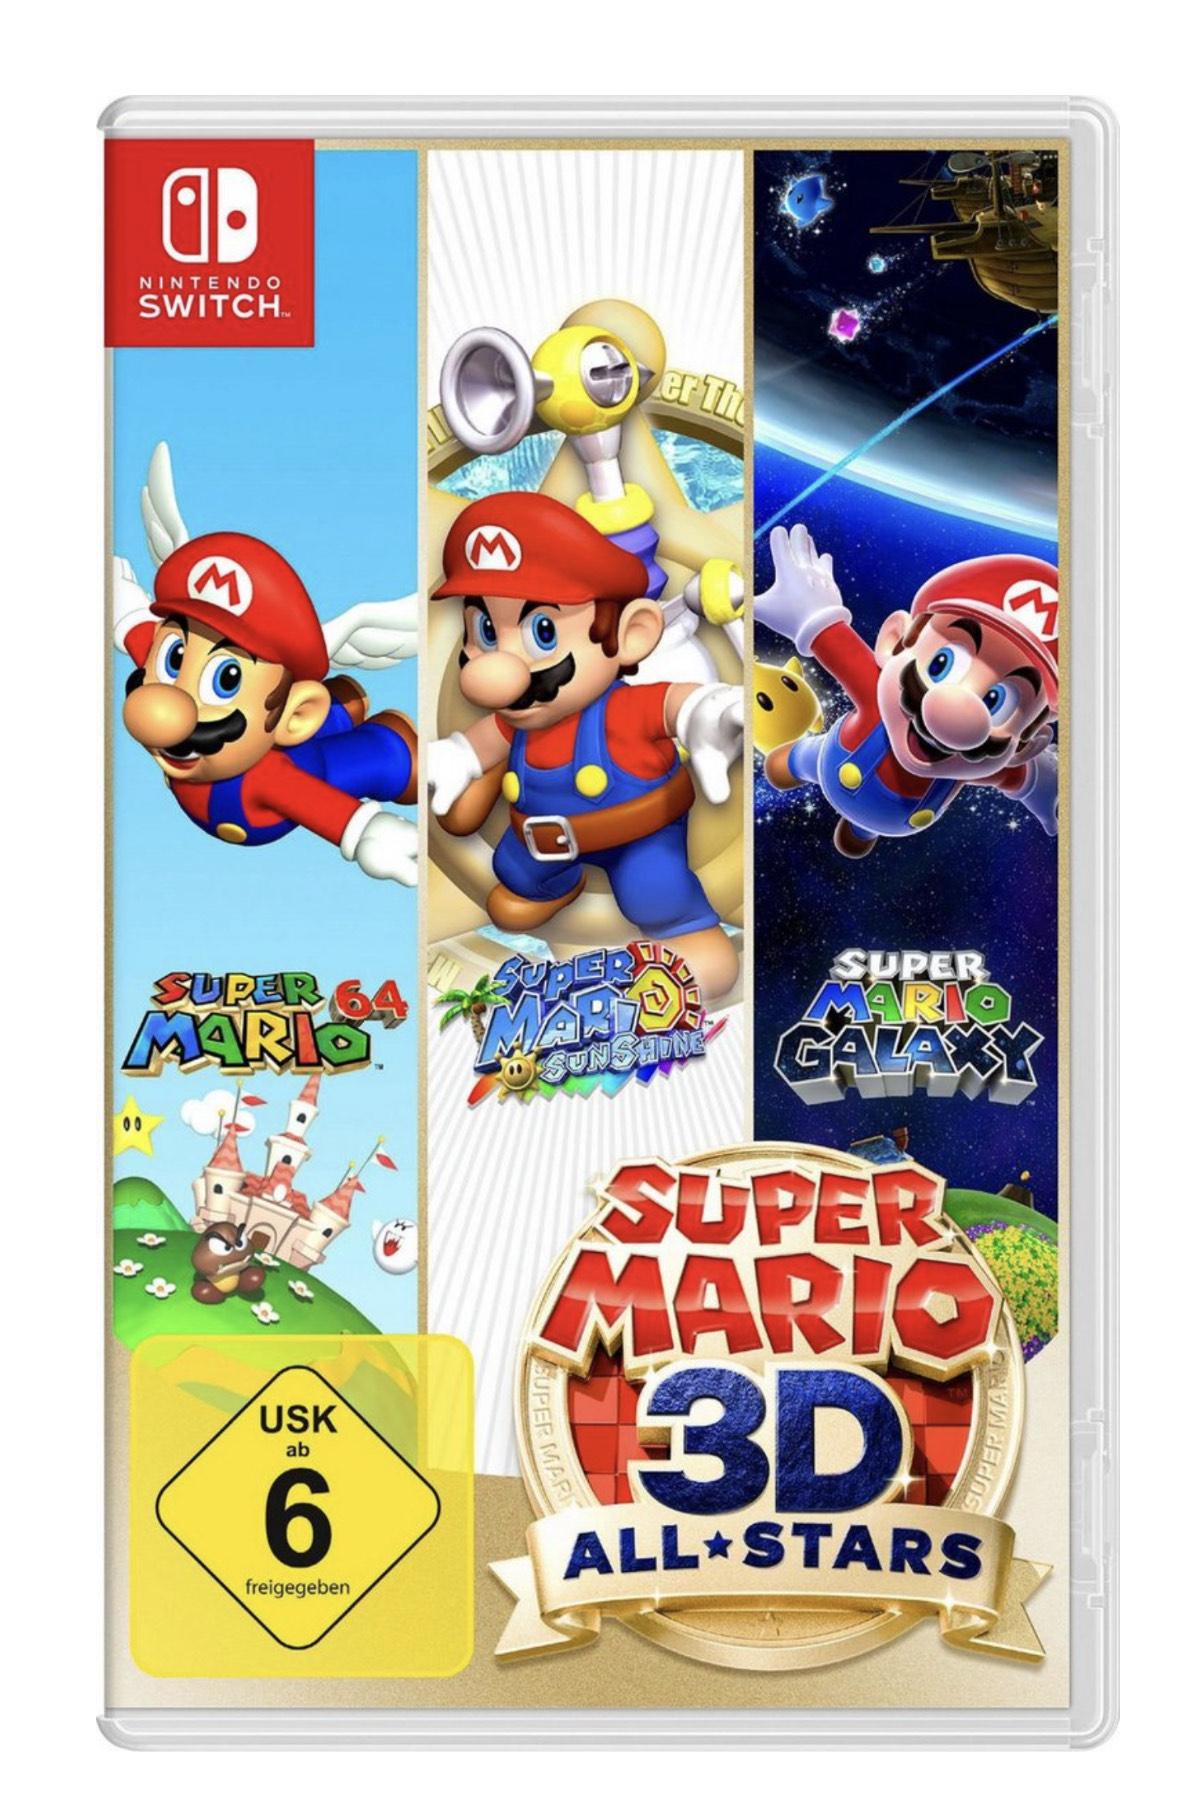 Super Mario 3D All-Stars Nintendo für 39,99€ inkl. Versand für OTTO Kunden mit Lieferflat